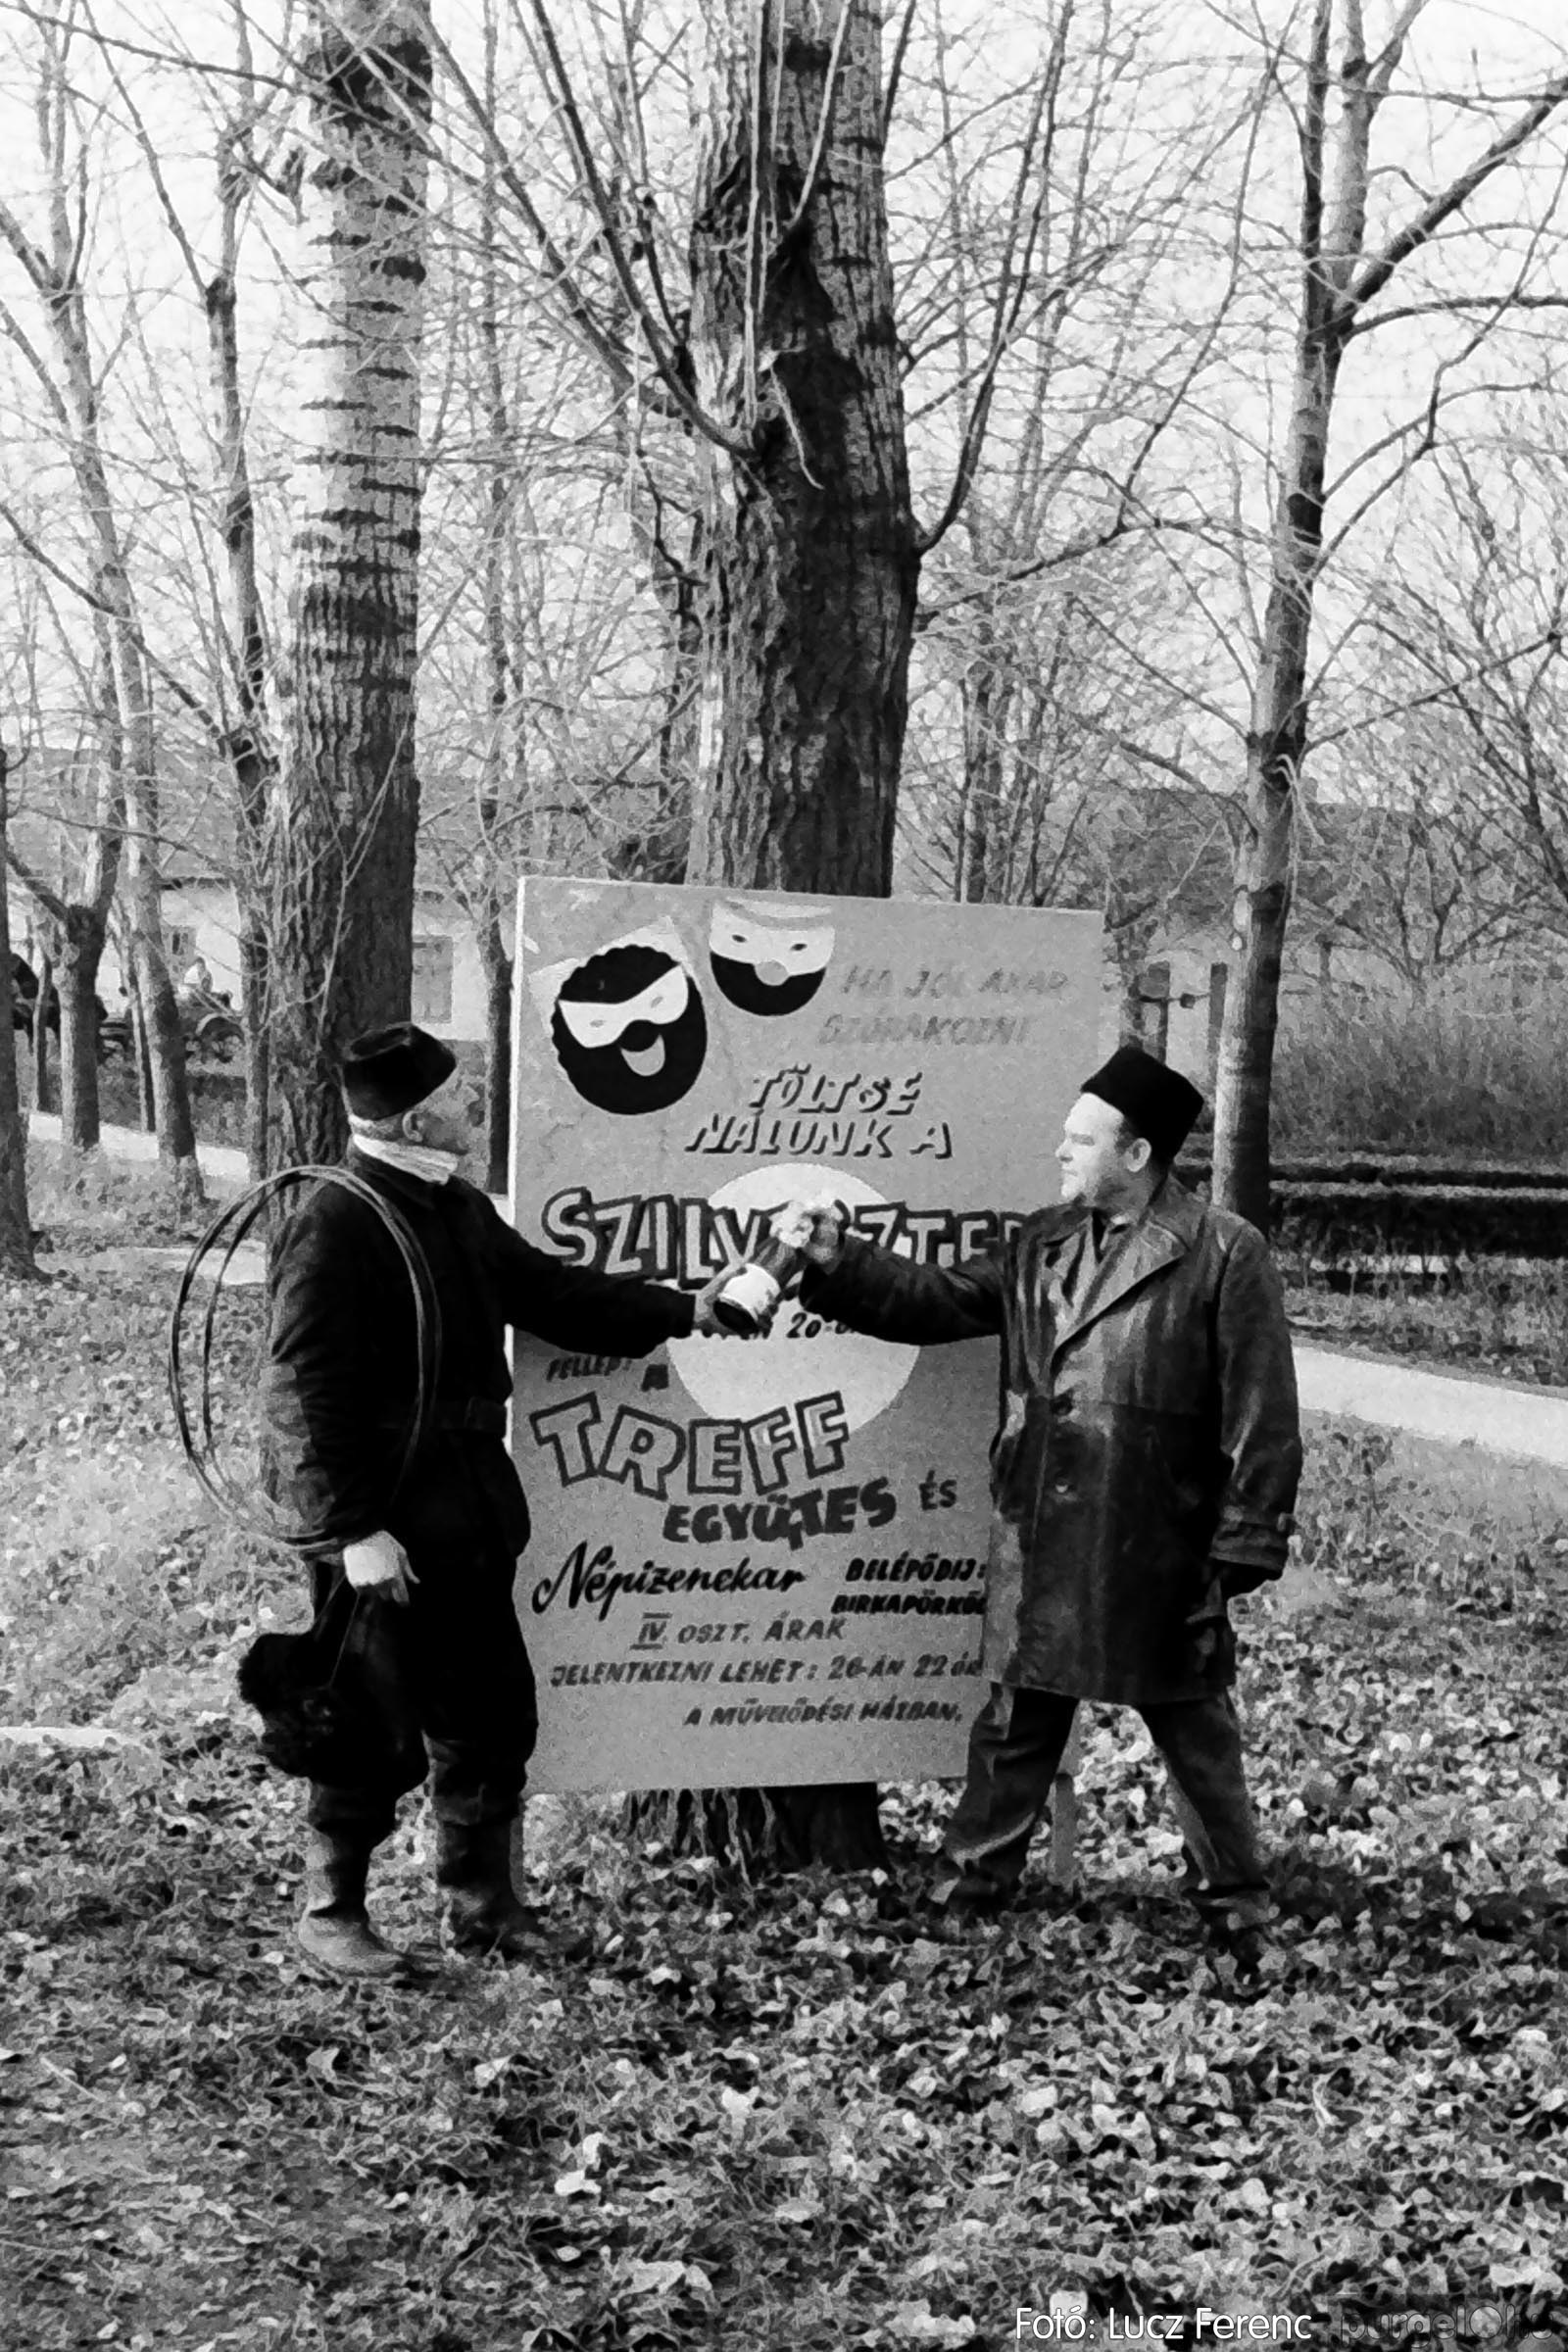 005 1974.12.31. Szilveszter 005 - Fotó: Lucz Ferenc - IMG00005q.jpg